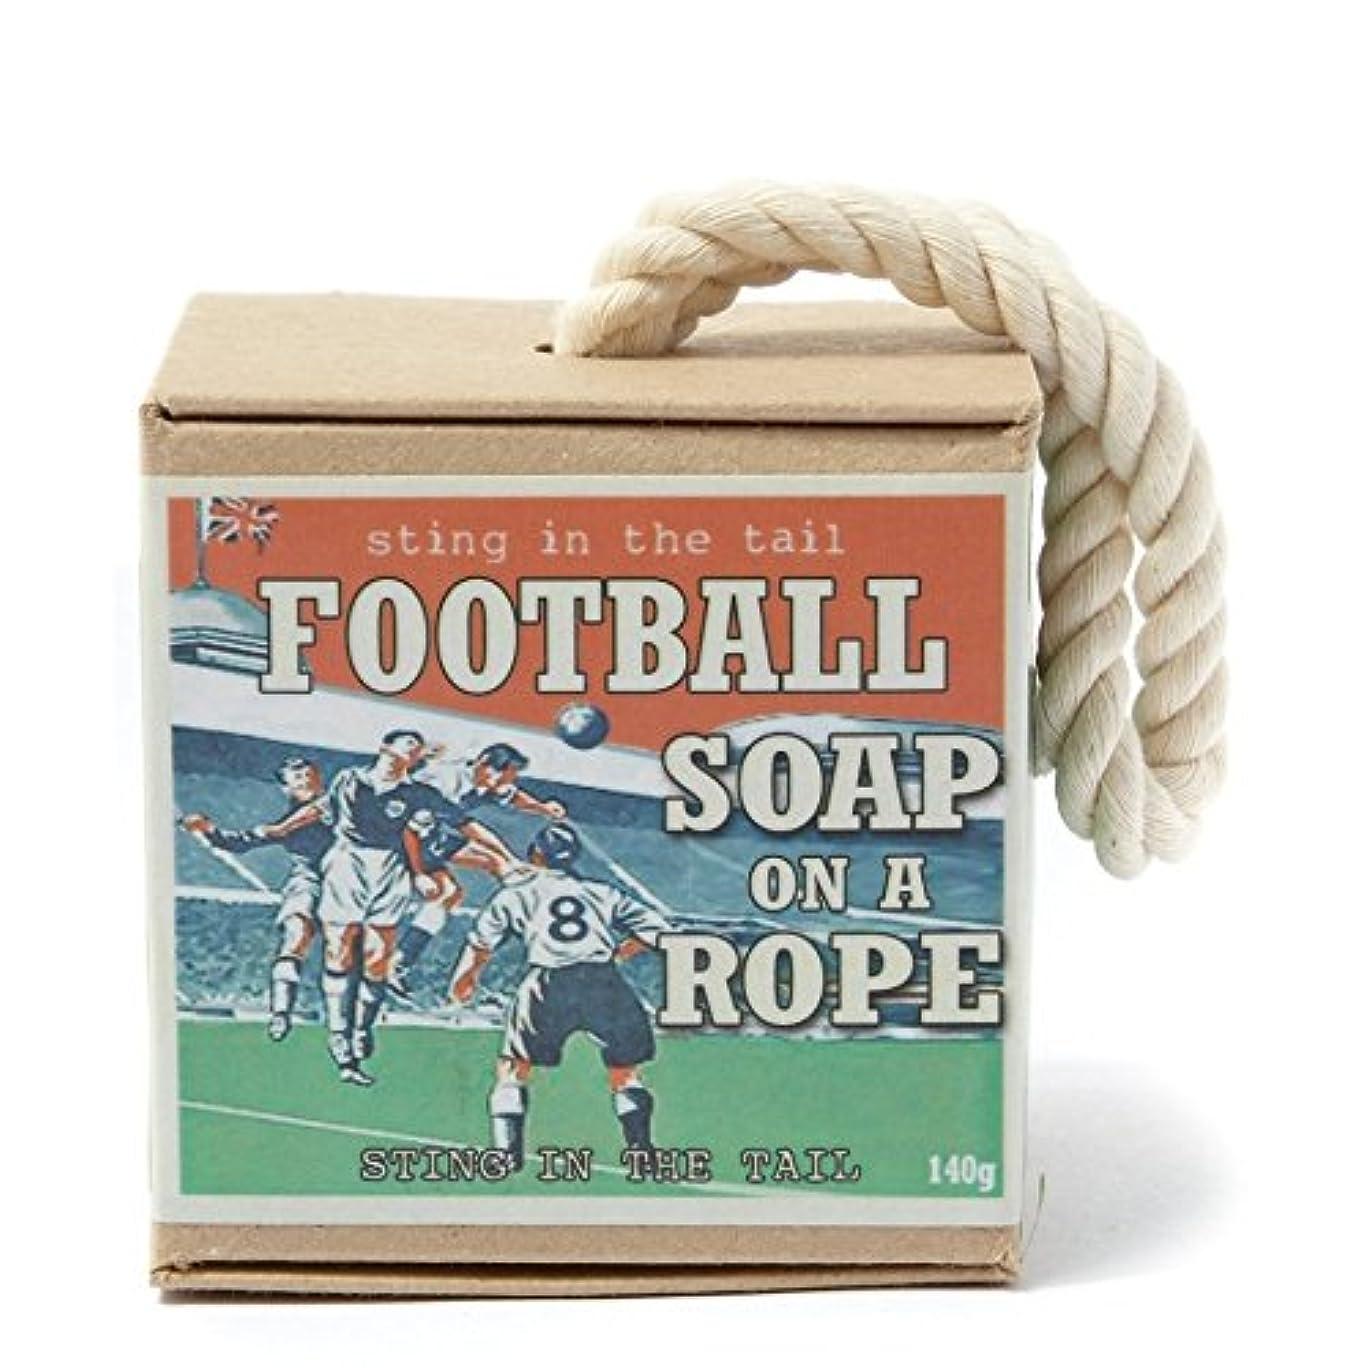 朝食を食べる広い白雪姫ロープ石鹸のテールサッカーで刺します x2 - Sting In The Tail Football on a Rope Soap (Pack of 2) [並行輸入品]